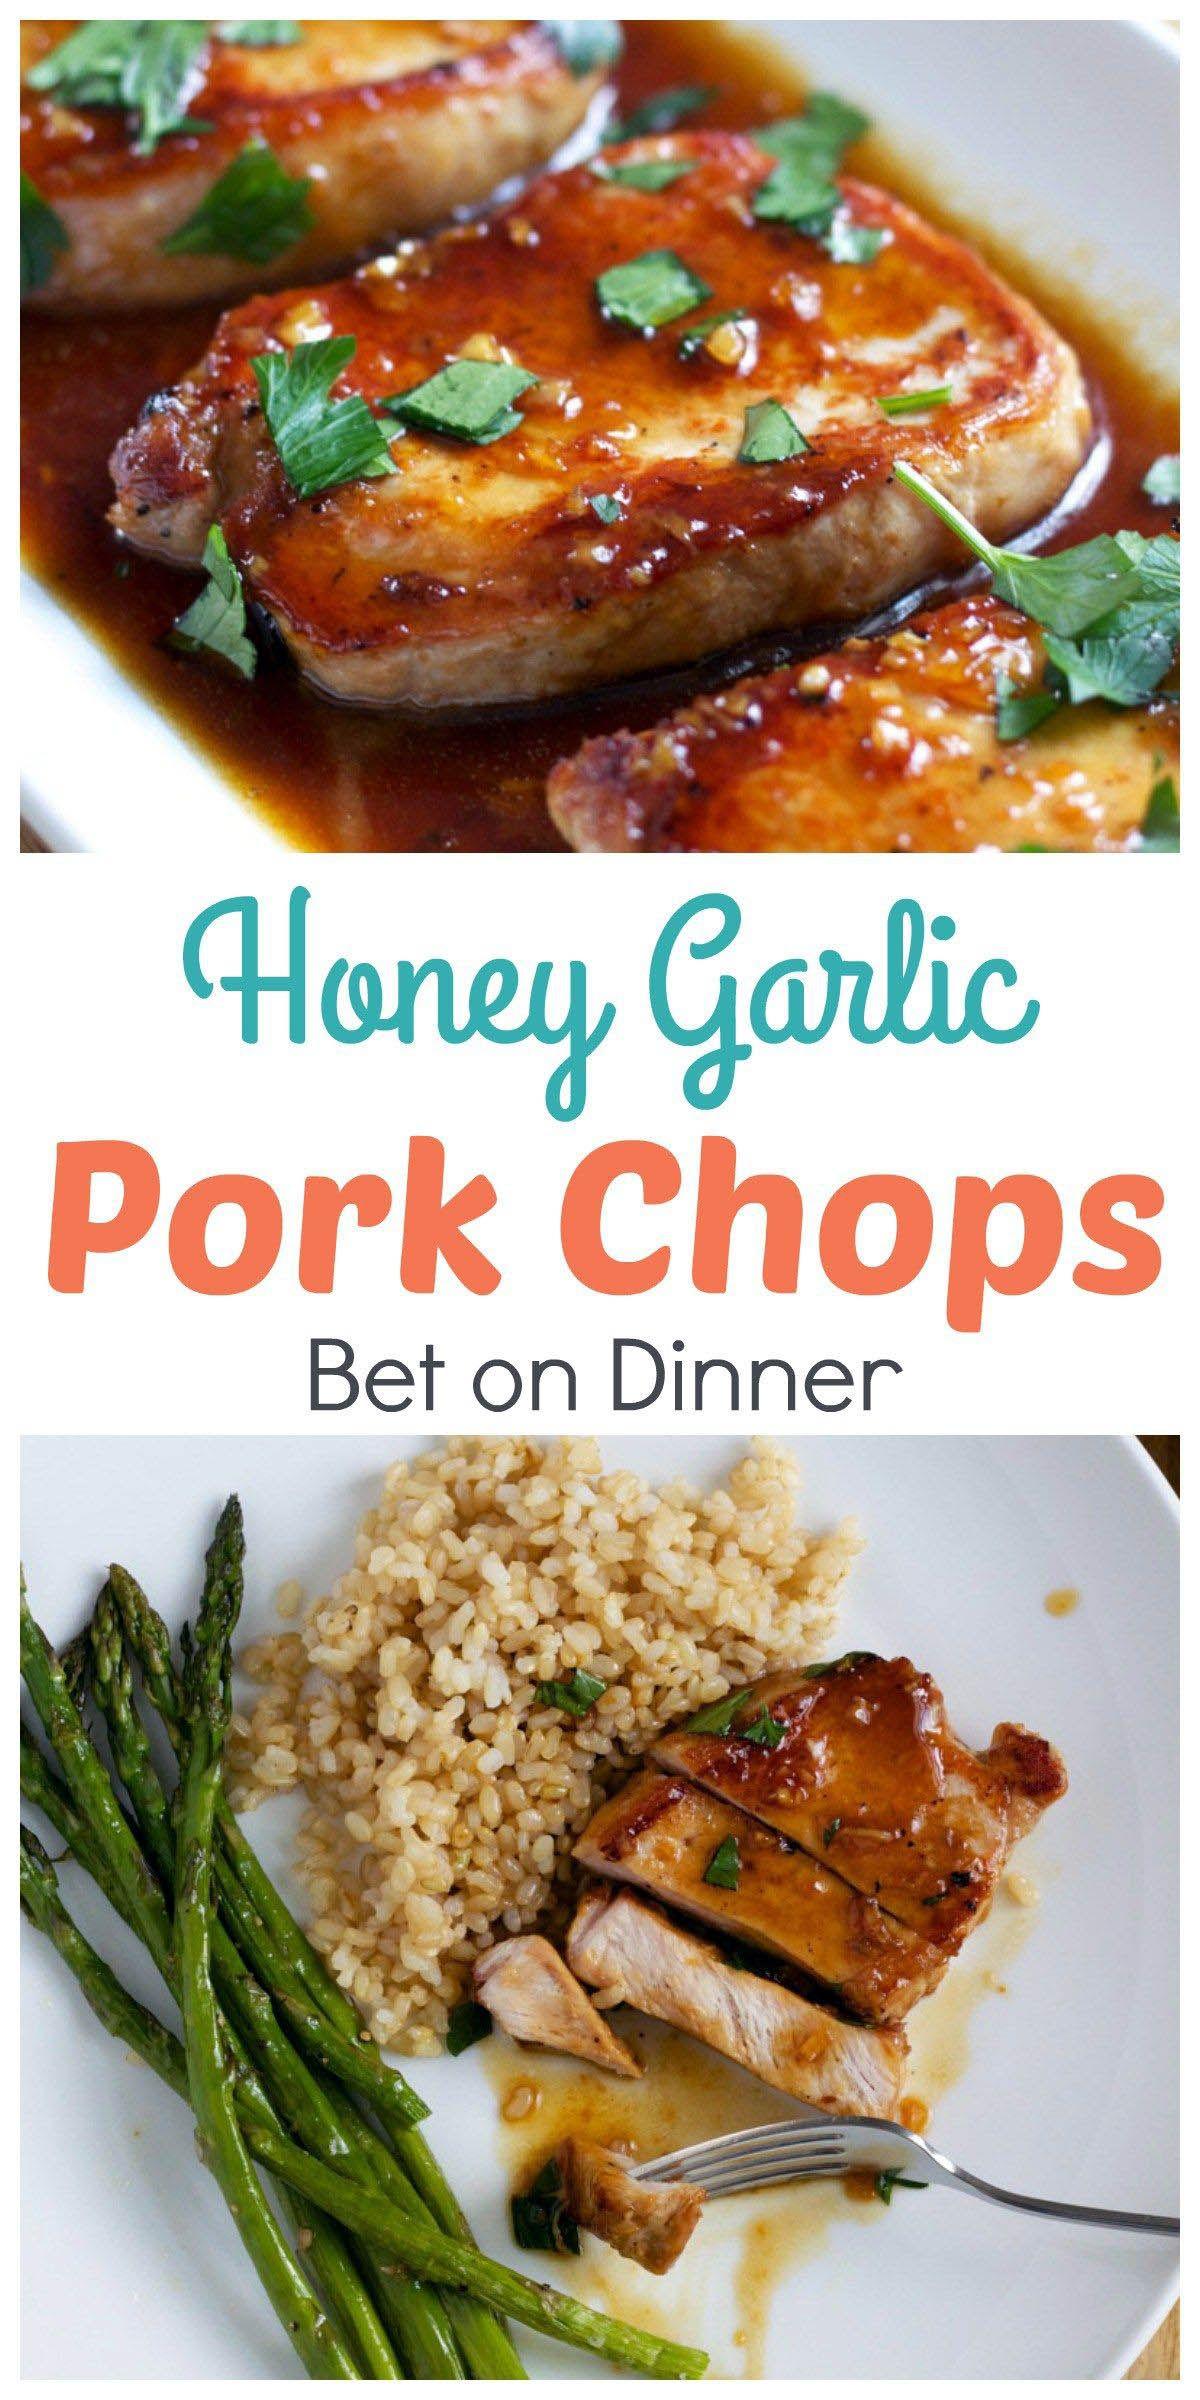 Amazing Easy 5 Step Dinner Recipes And Get Cooking Like A Pro Honey Garlic Pork Chops Recipes Pork Chop Recipes Crockpot